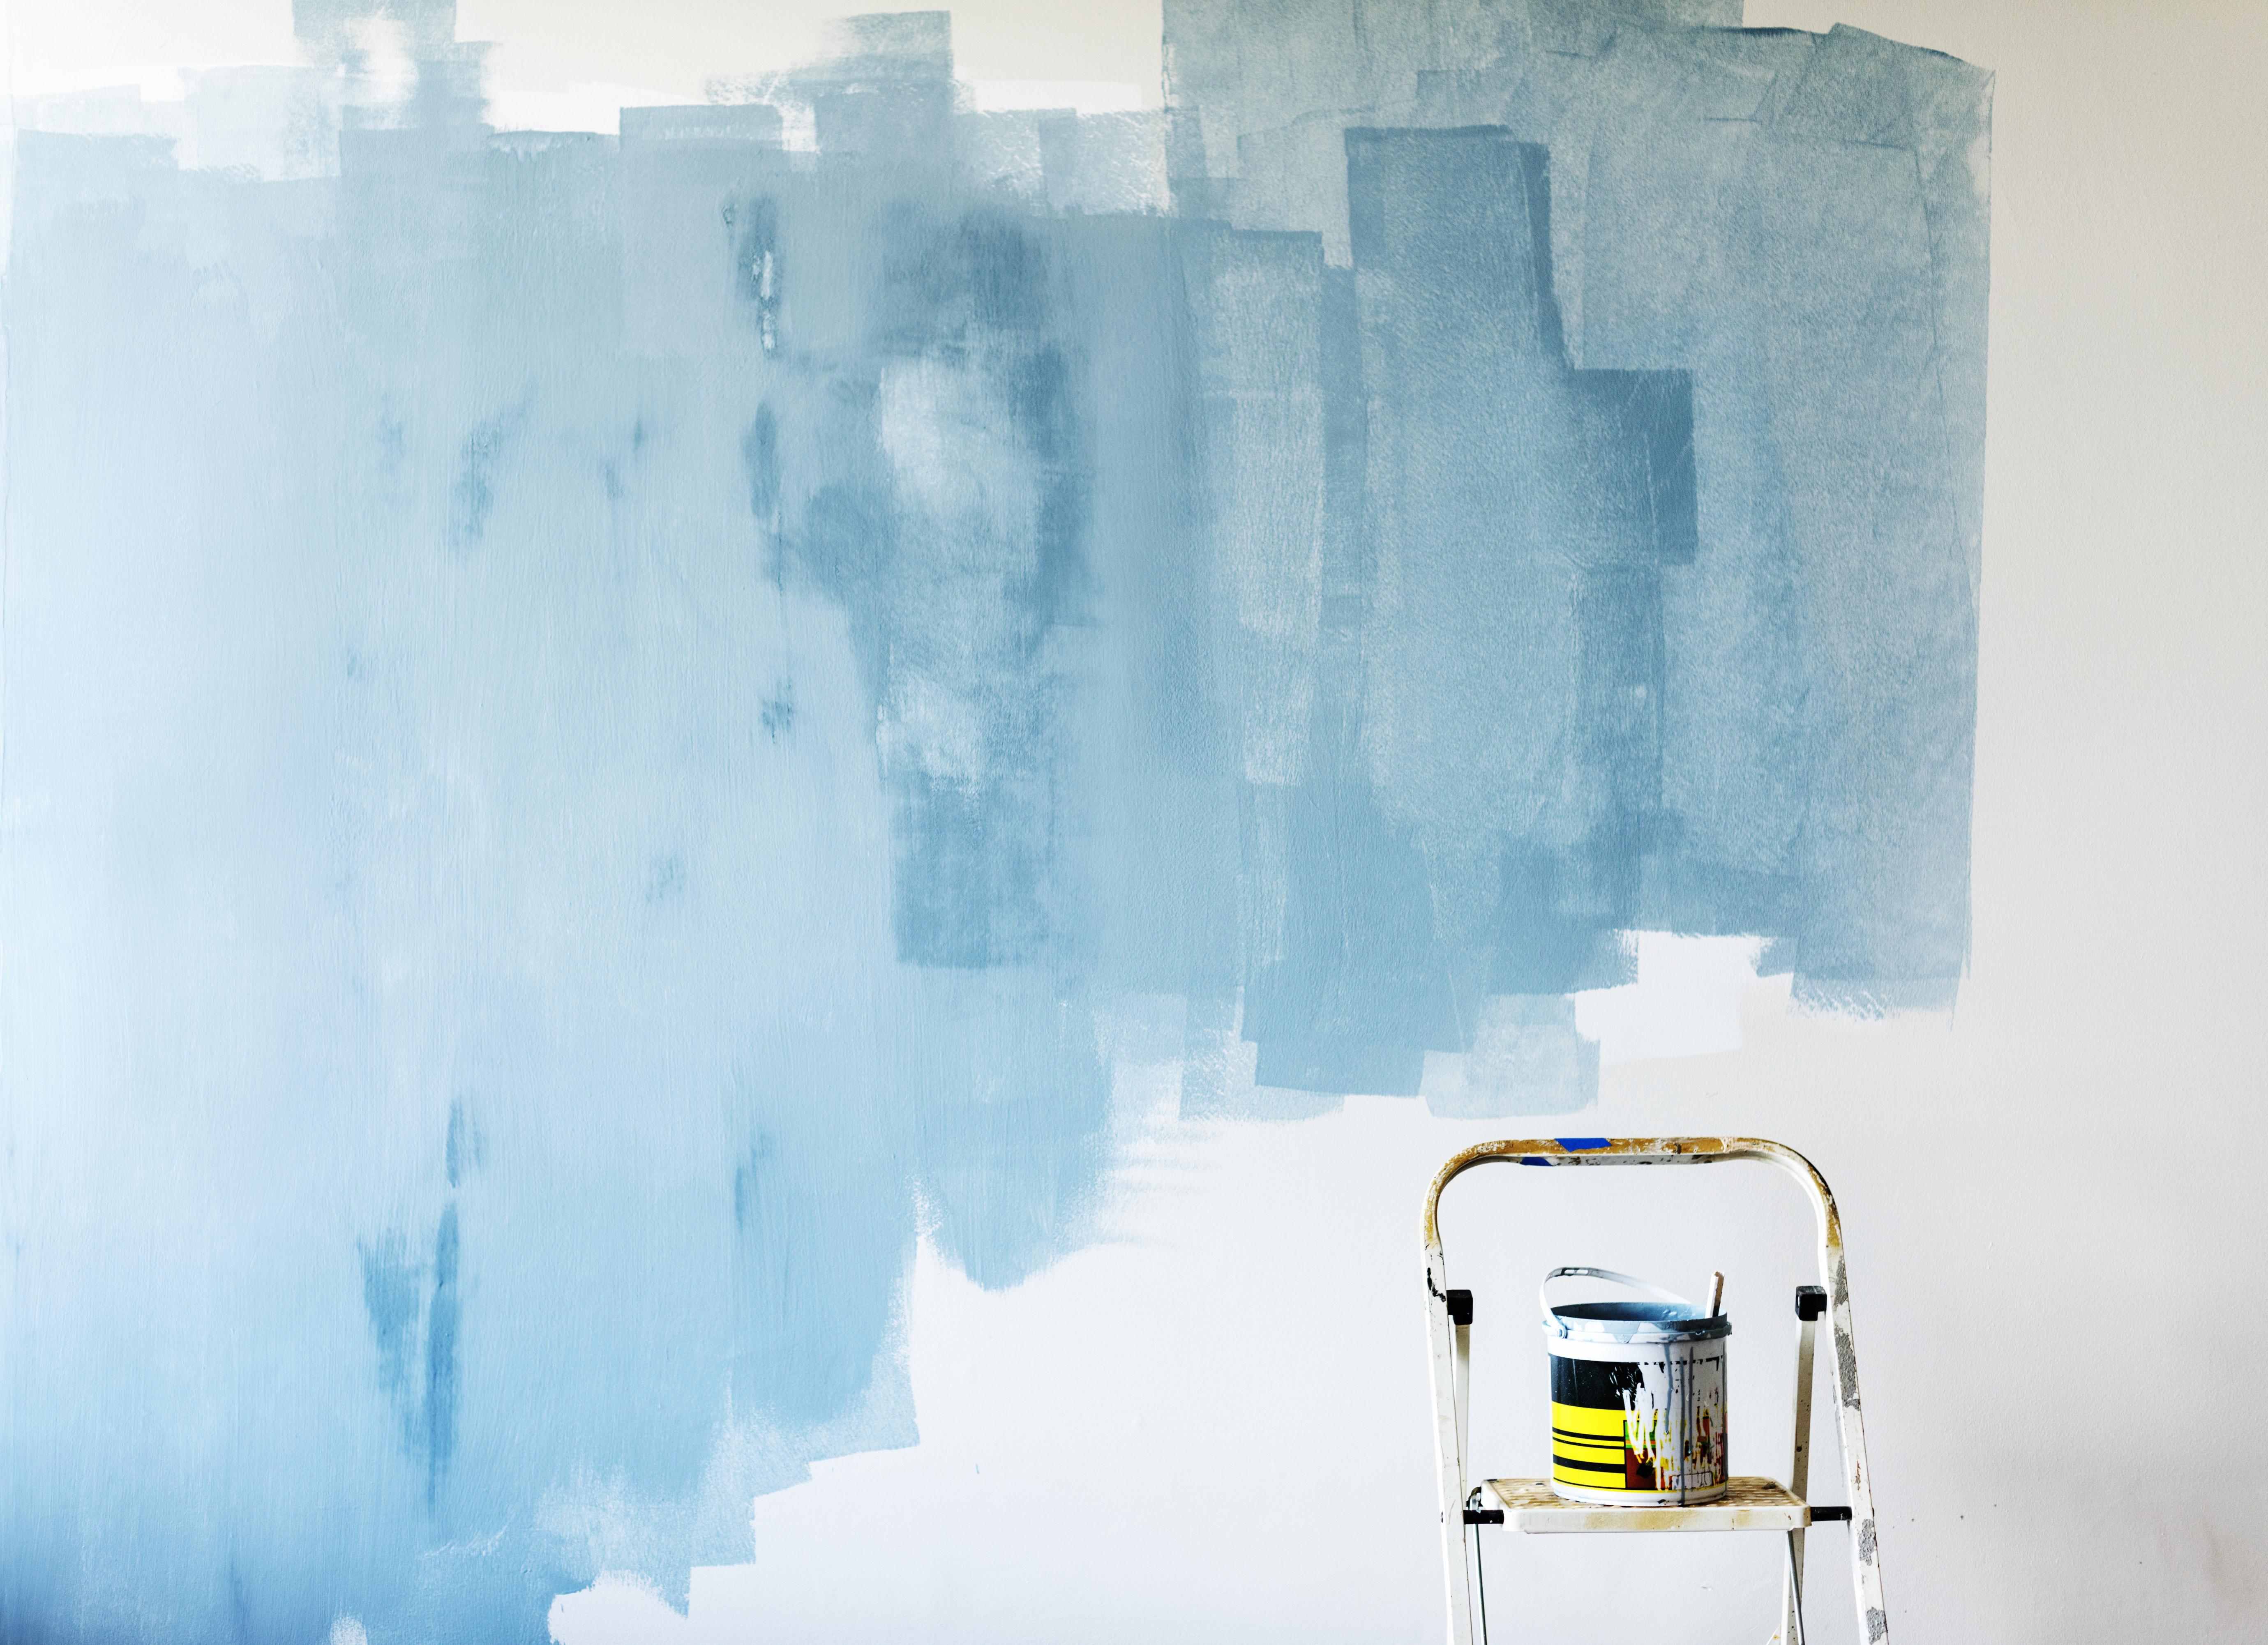 Pintores en Pozuelo de Alarcón